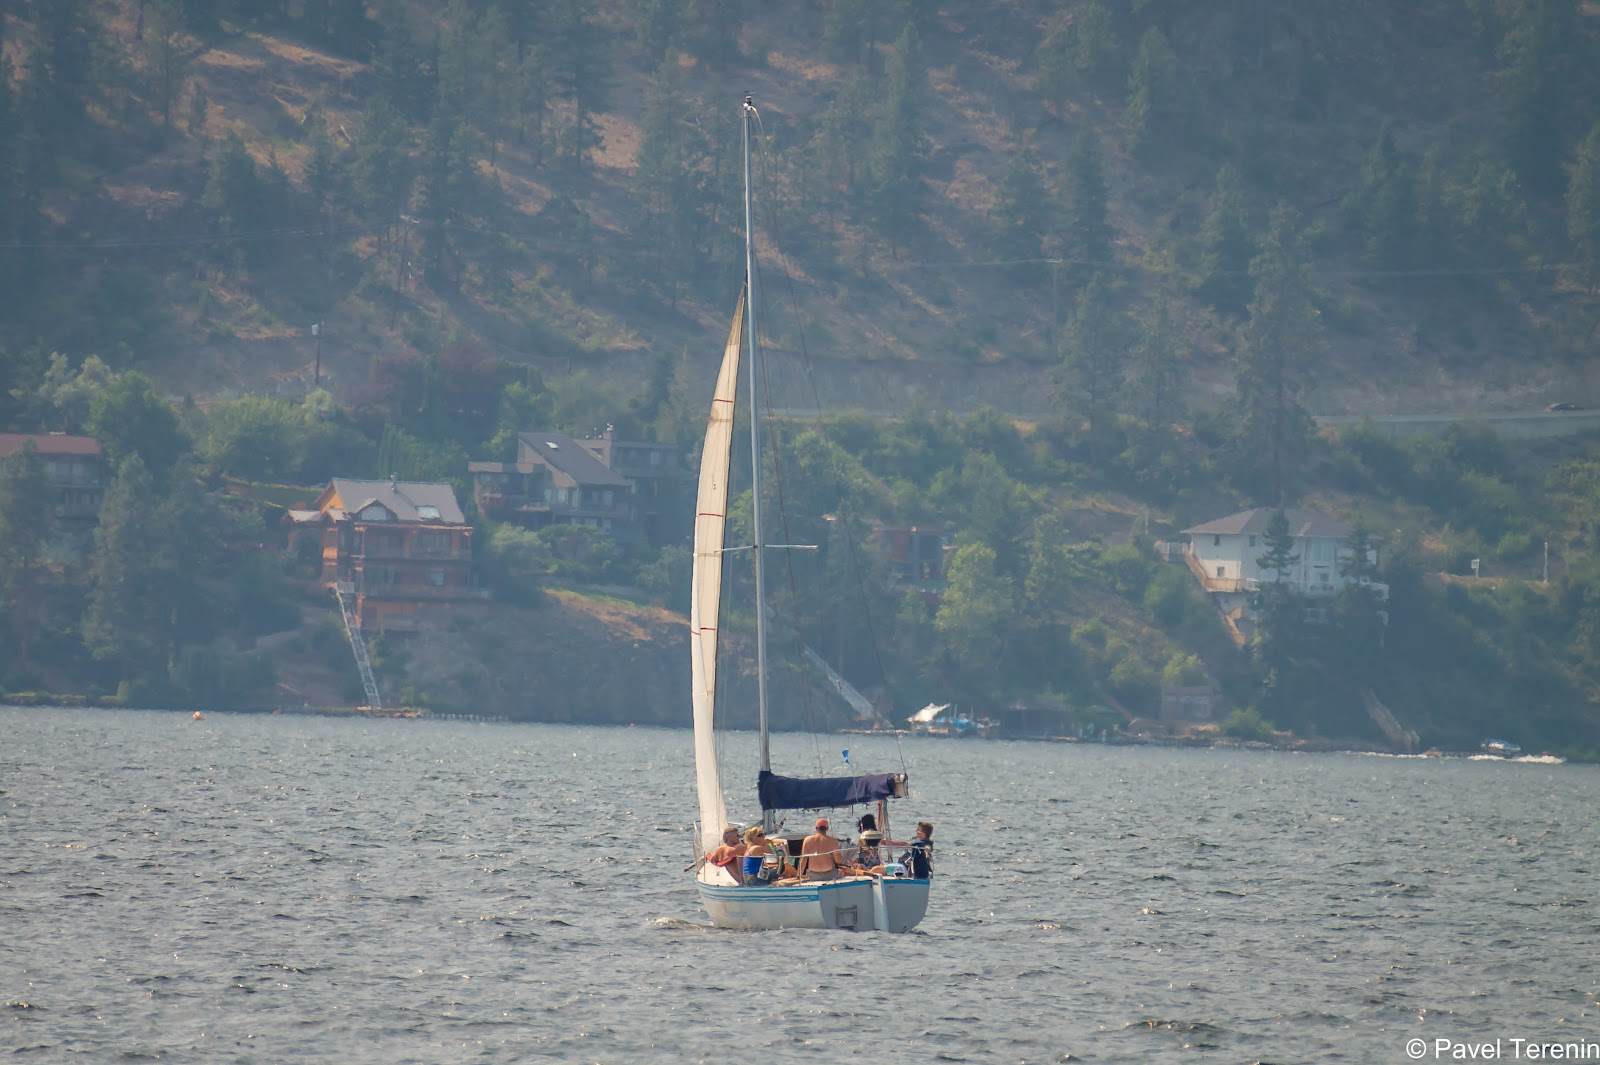 С набережной озера сразу видно всю курортную атрибутику: паруса, катера, парашюты, каяки и прочие плавучие и не только средства  передвижения.